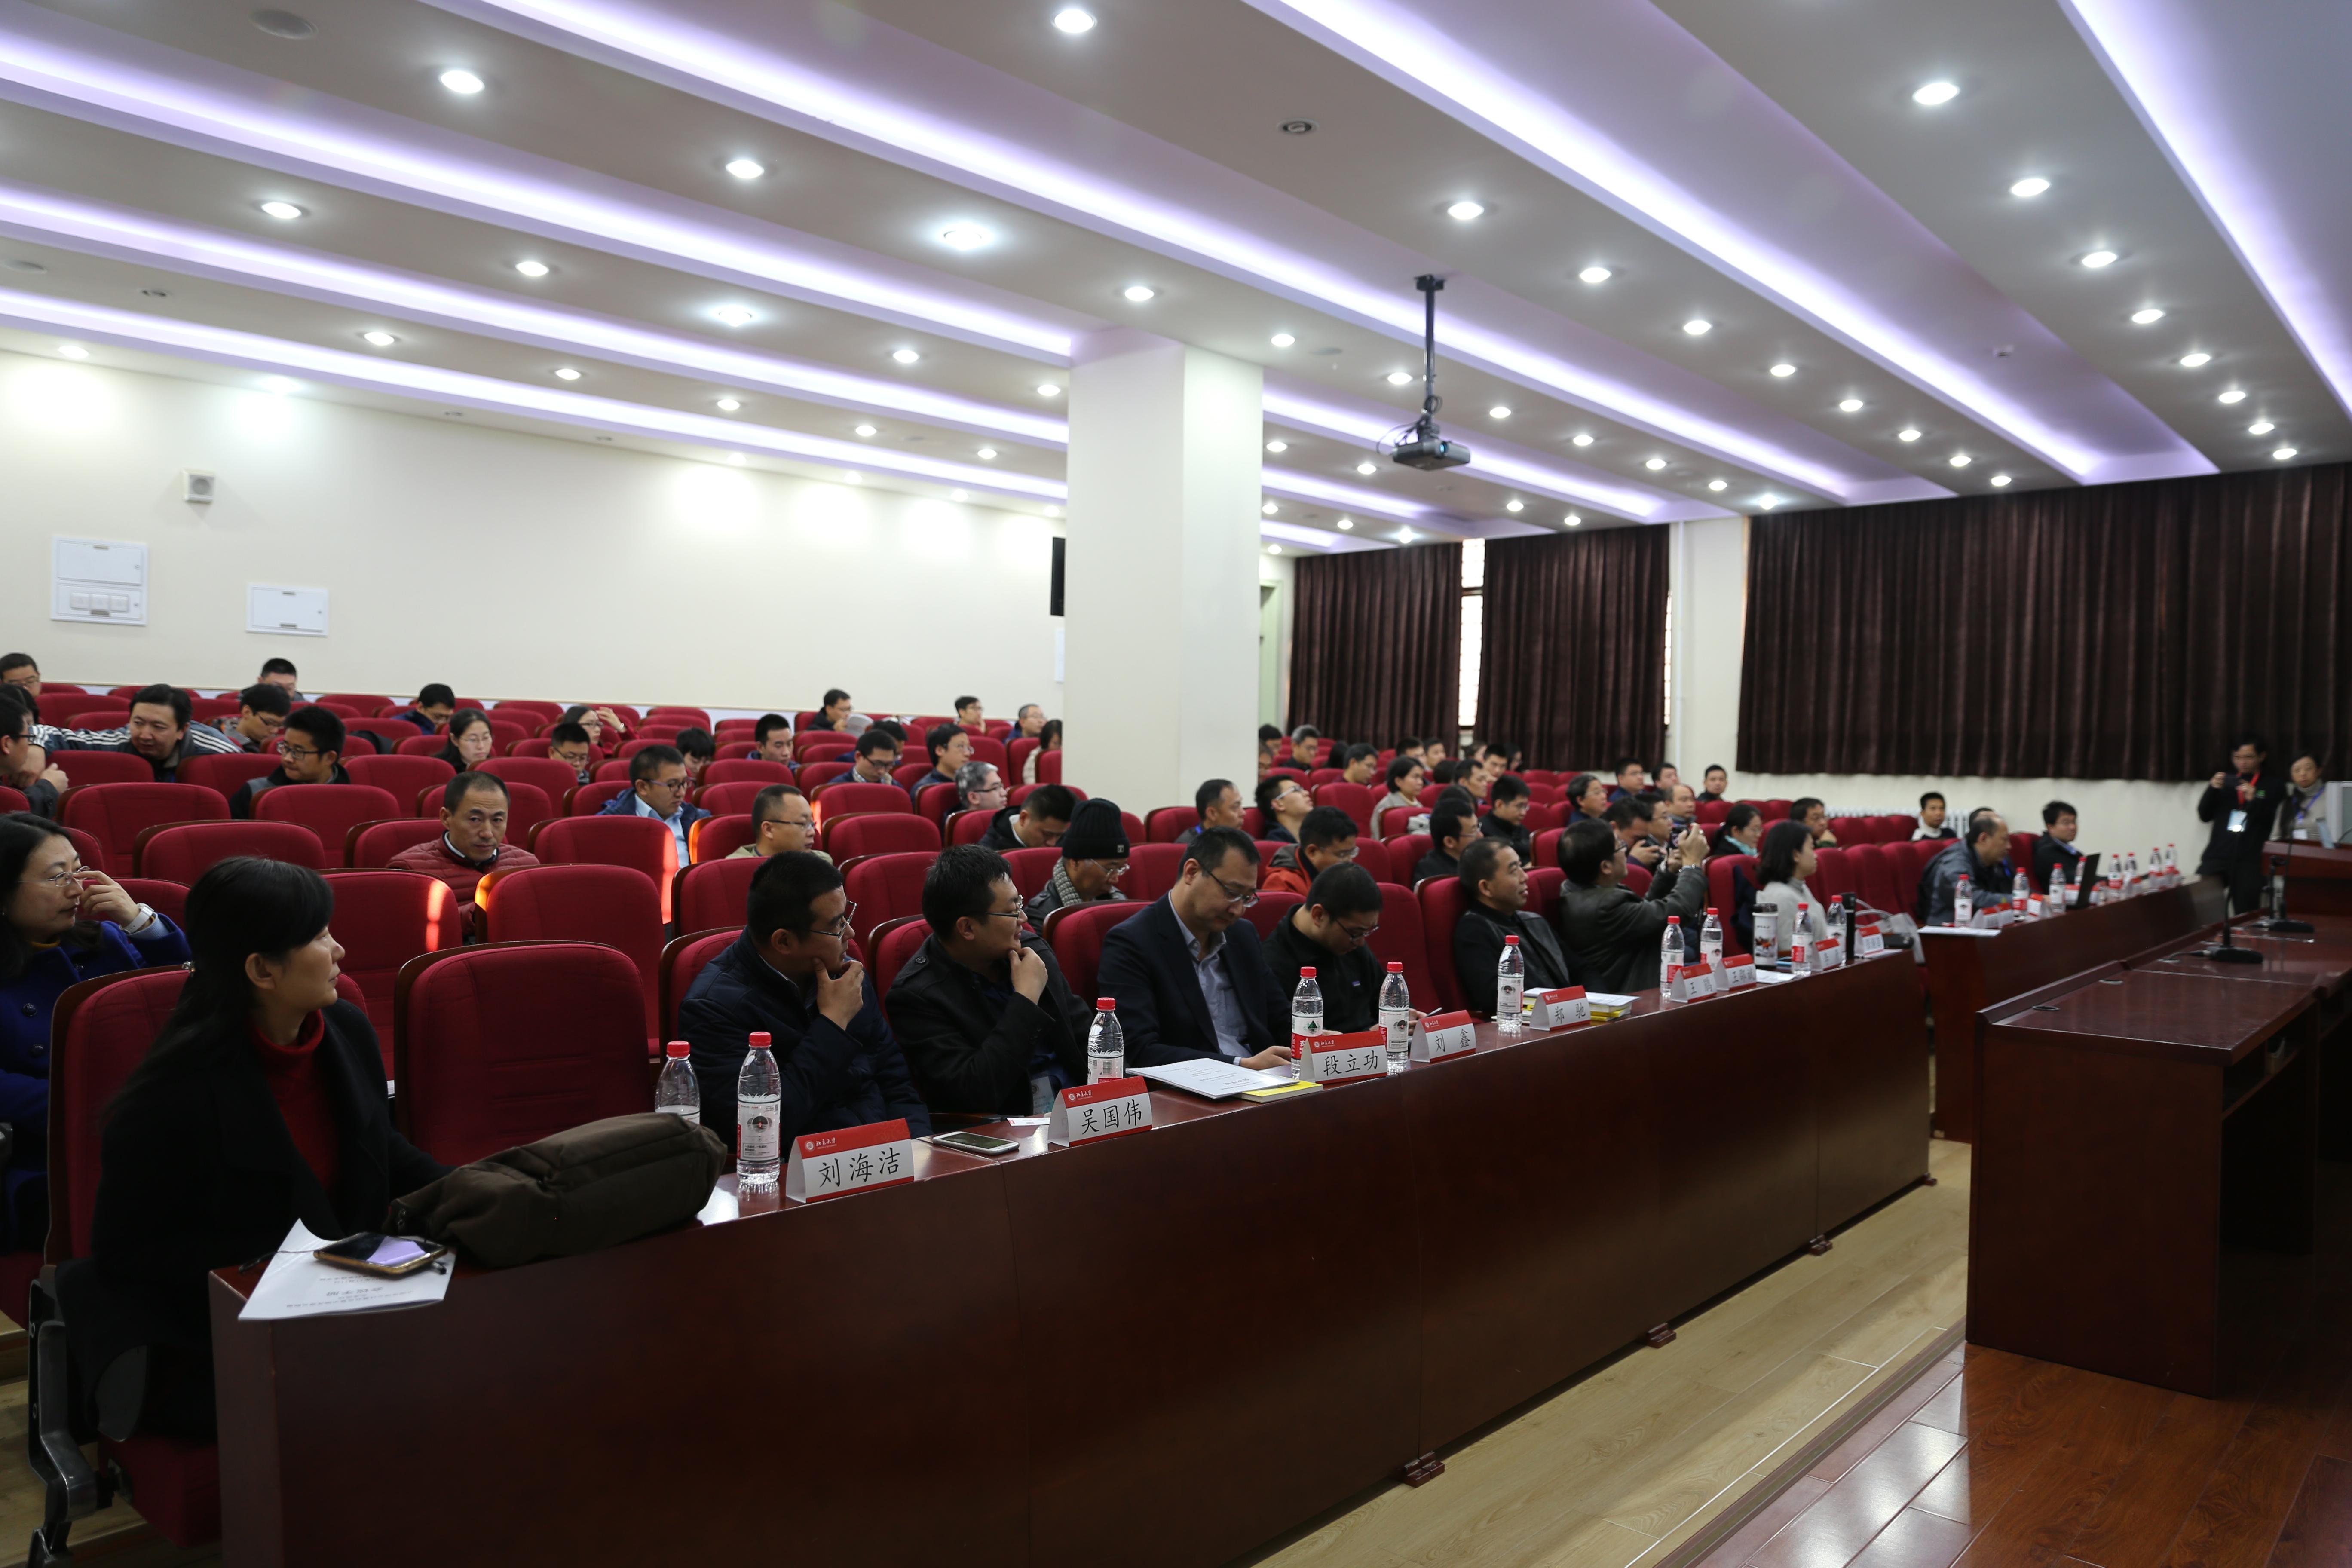 中国可信云计算社区暨中国开源云联盟安全论坛在北京大学信息科学技术学院举行